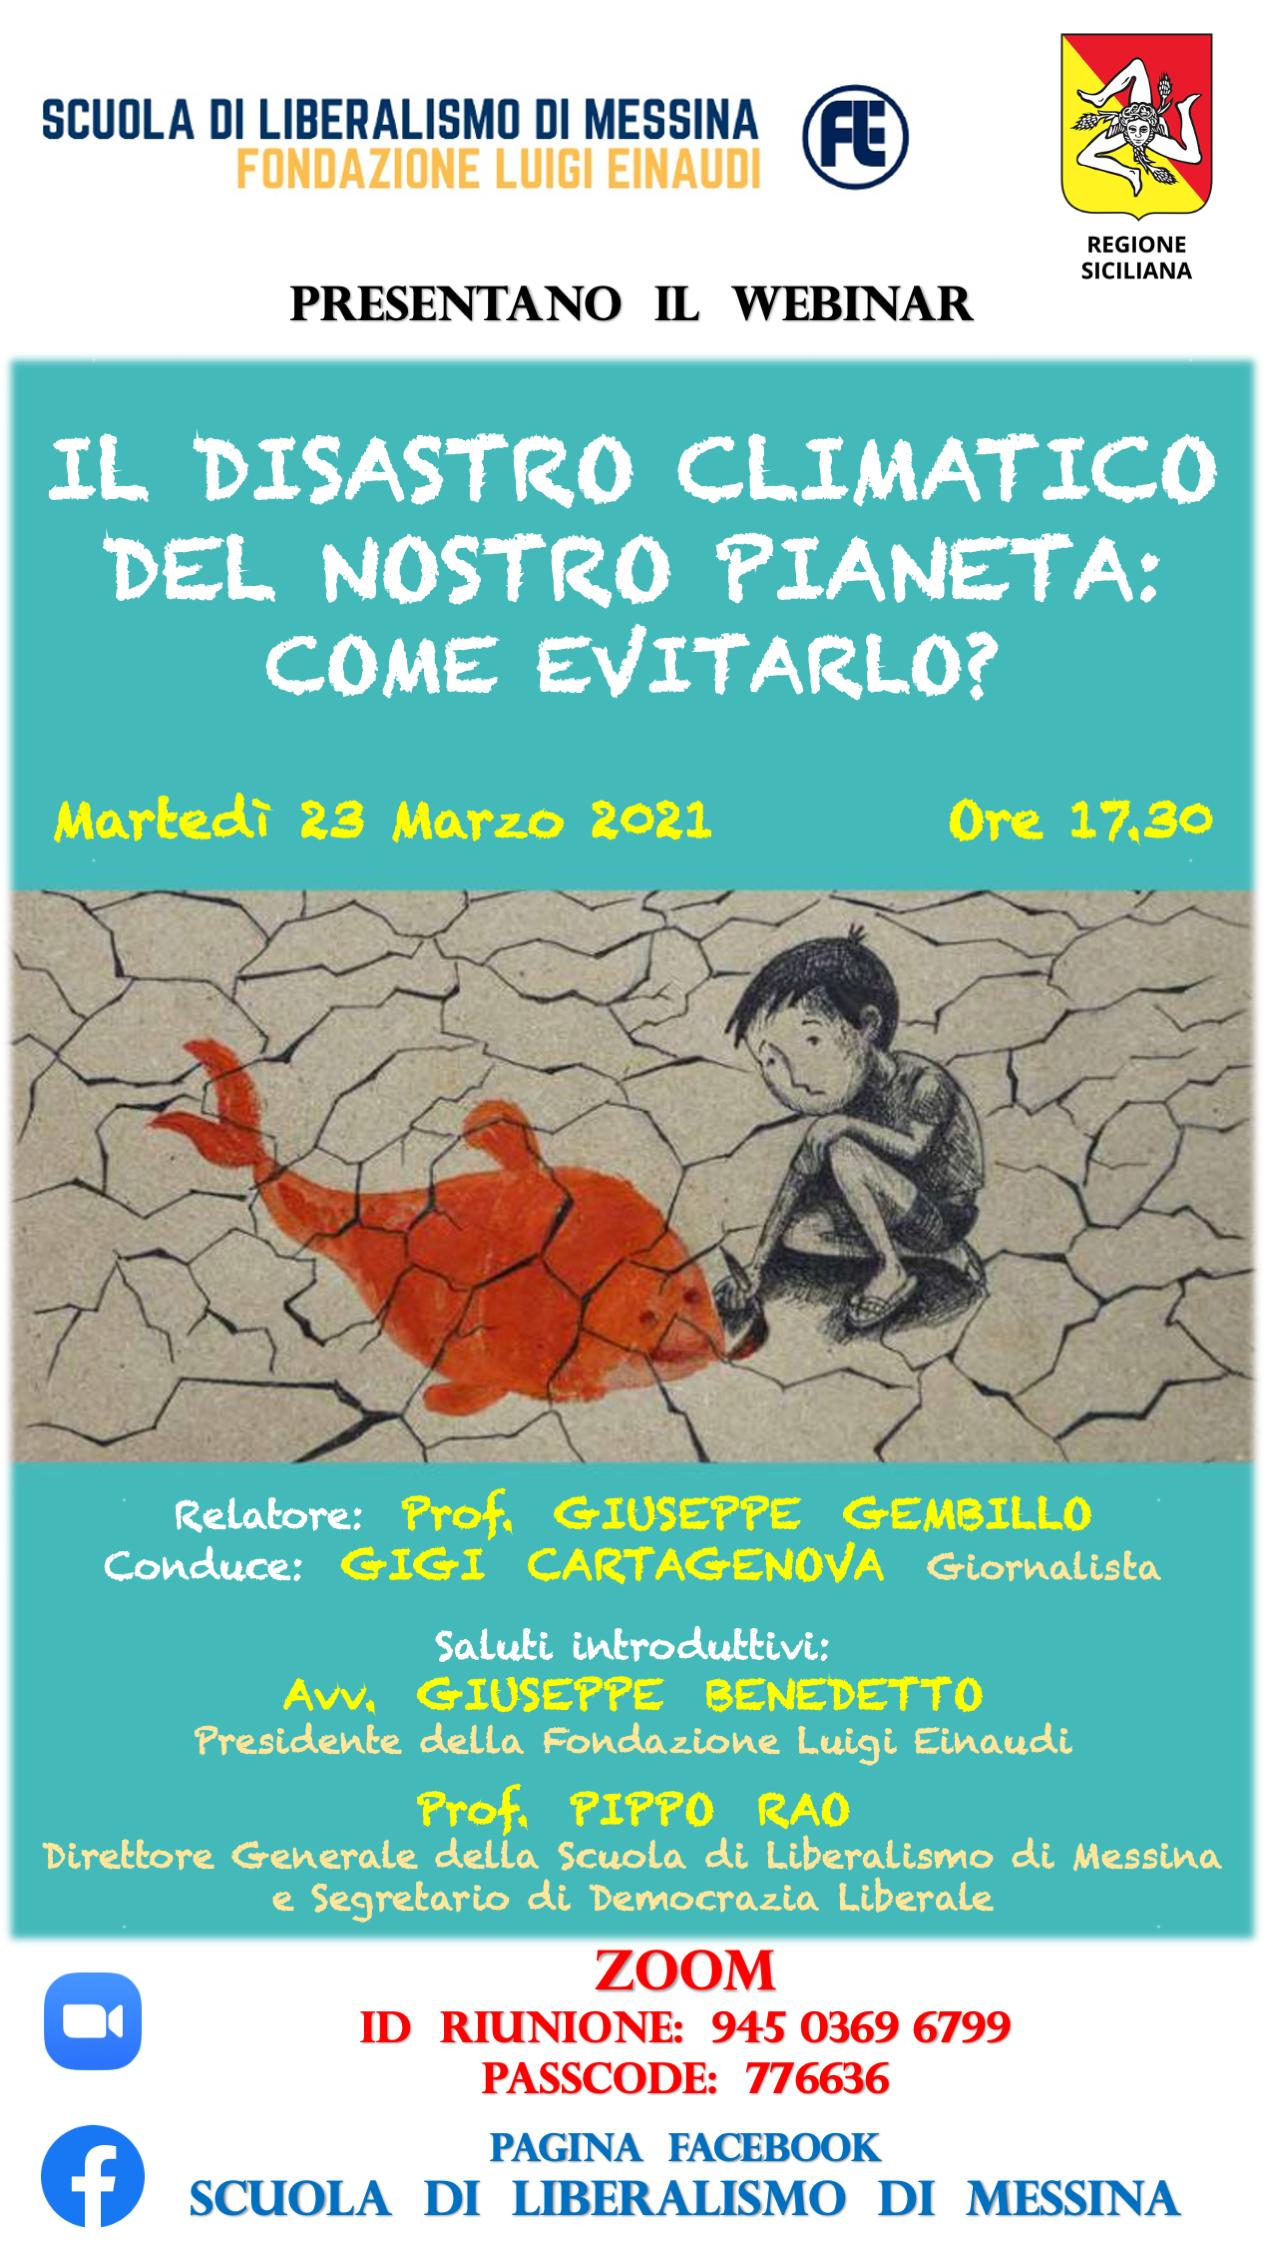 Scuola di liberalismo di Messina 2021 – Il disastro climatico del nostro pianeta: come evitarlo?